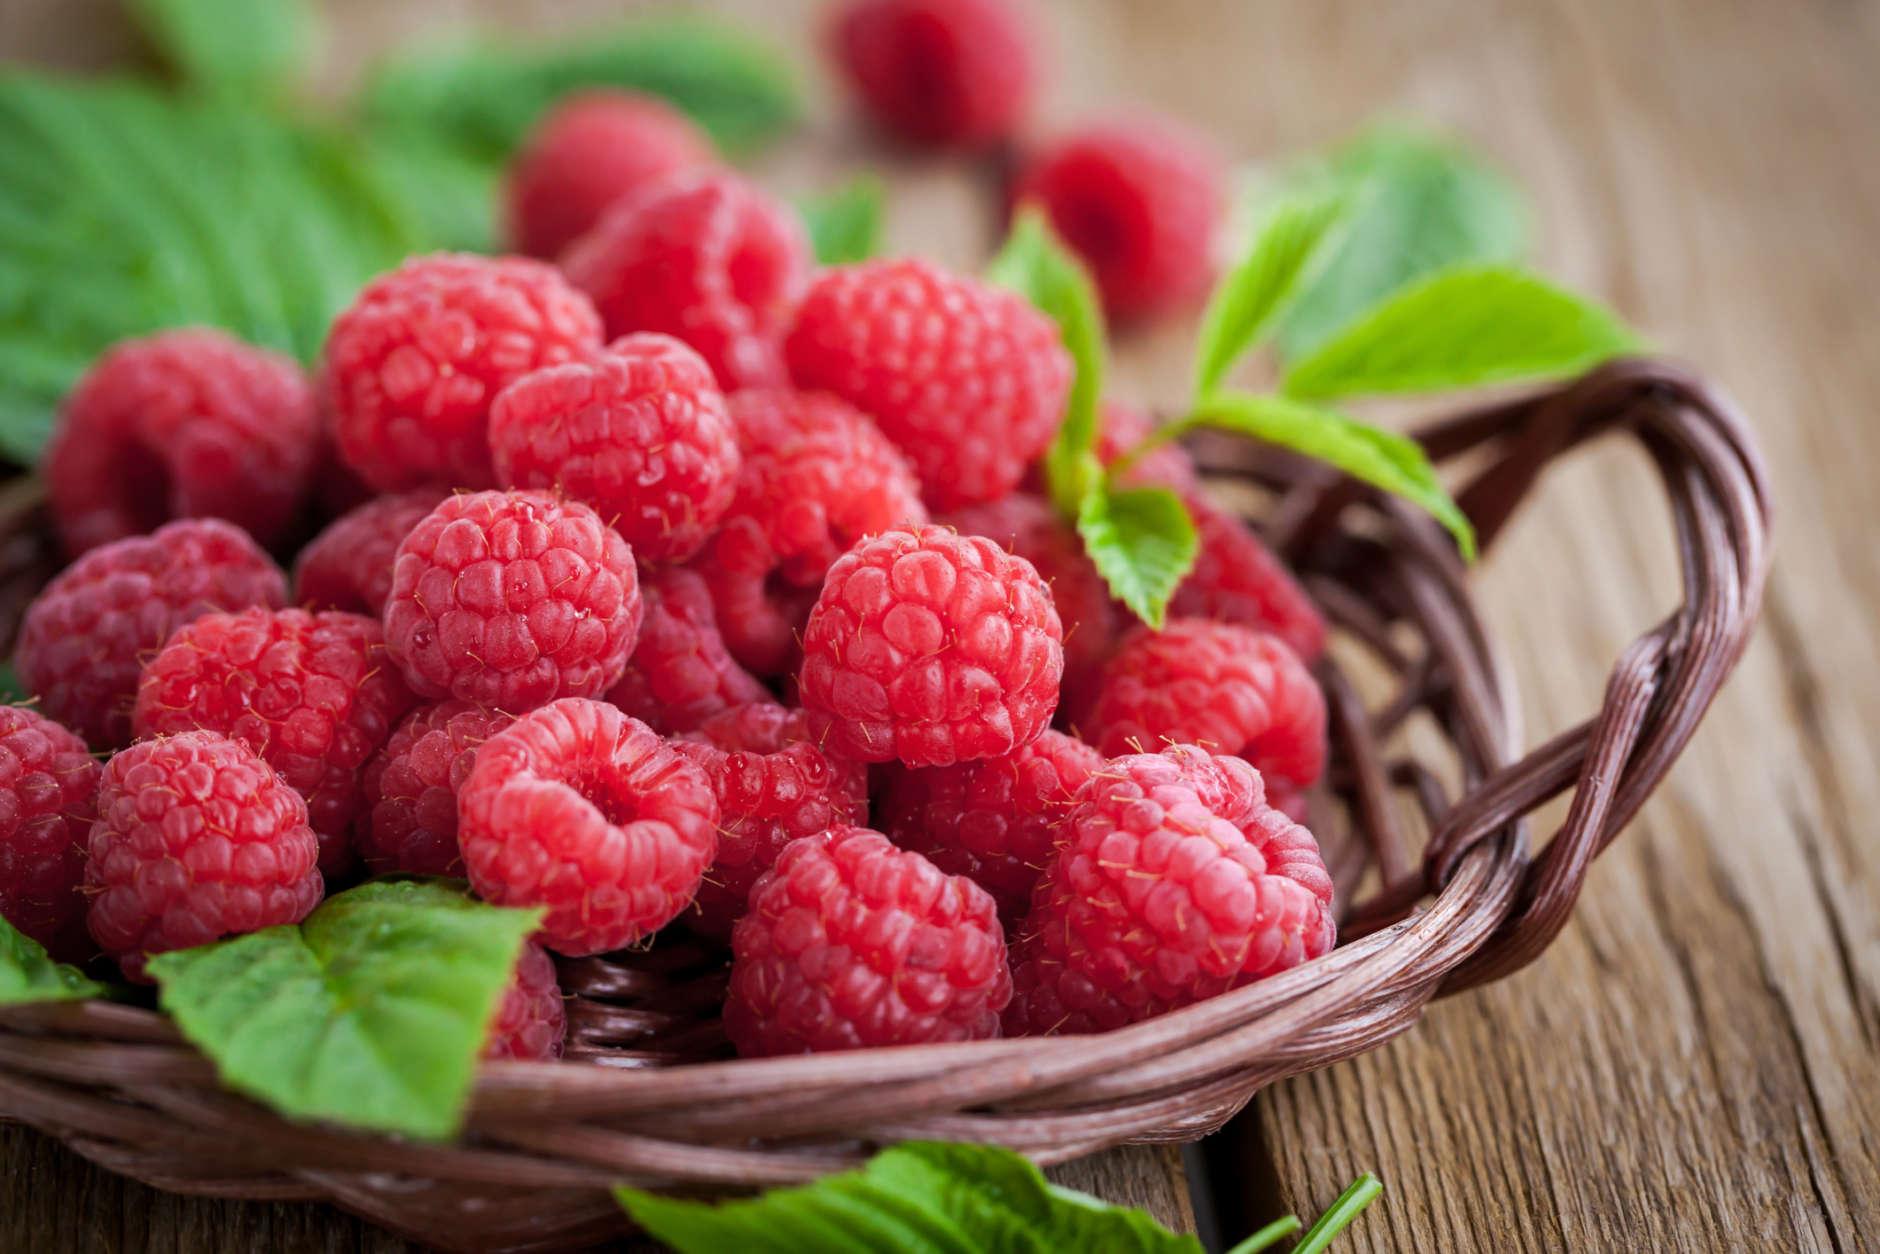 Healthy breakfast - Raspberries   LuckyFit